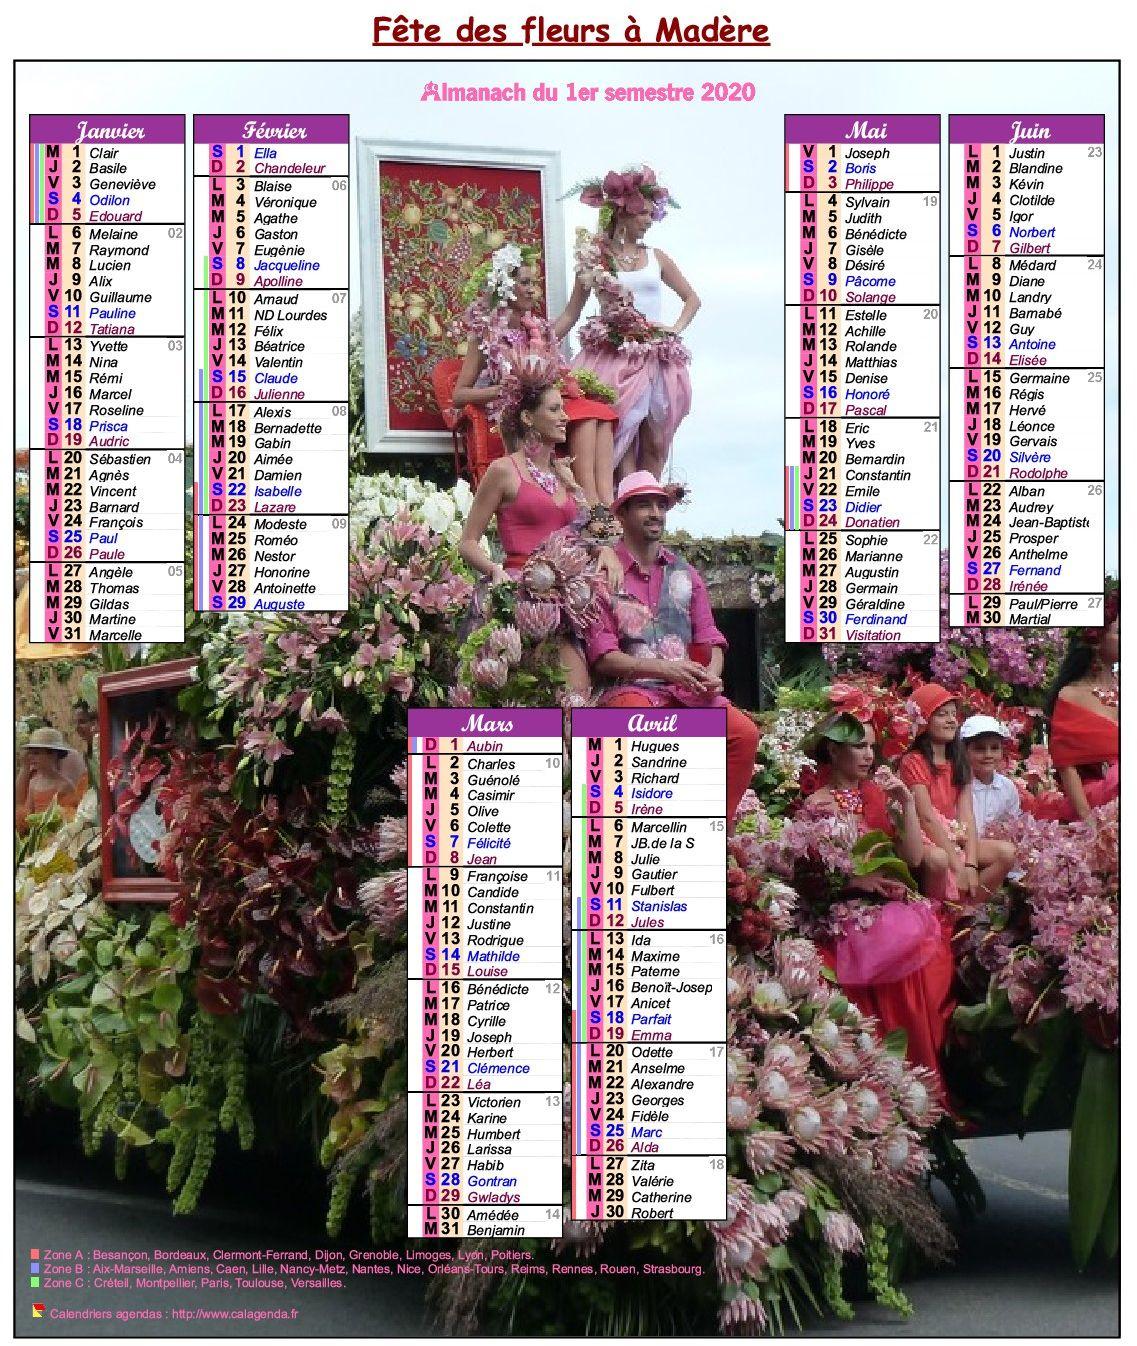 Calendrier 2020 semestriel fête des fleurs à Madère